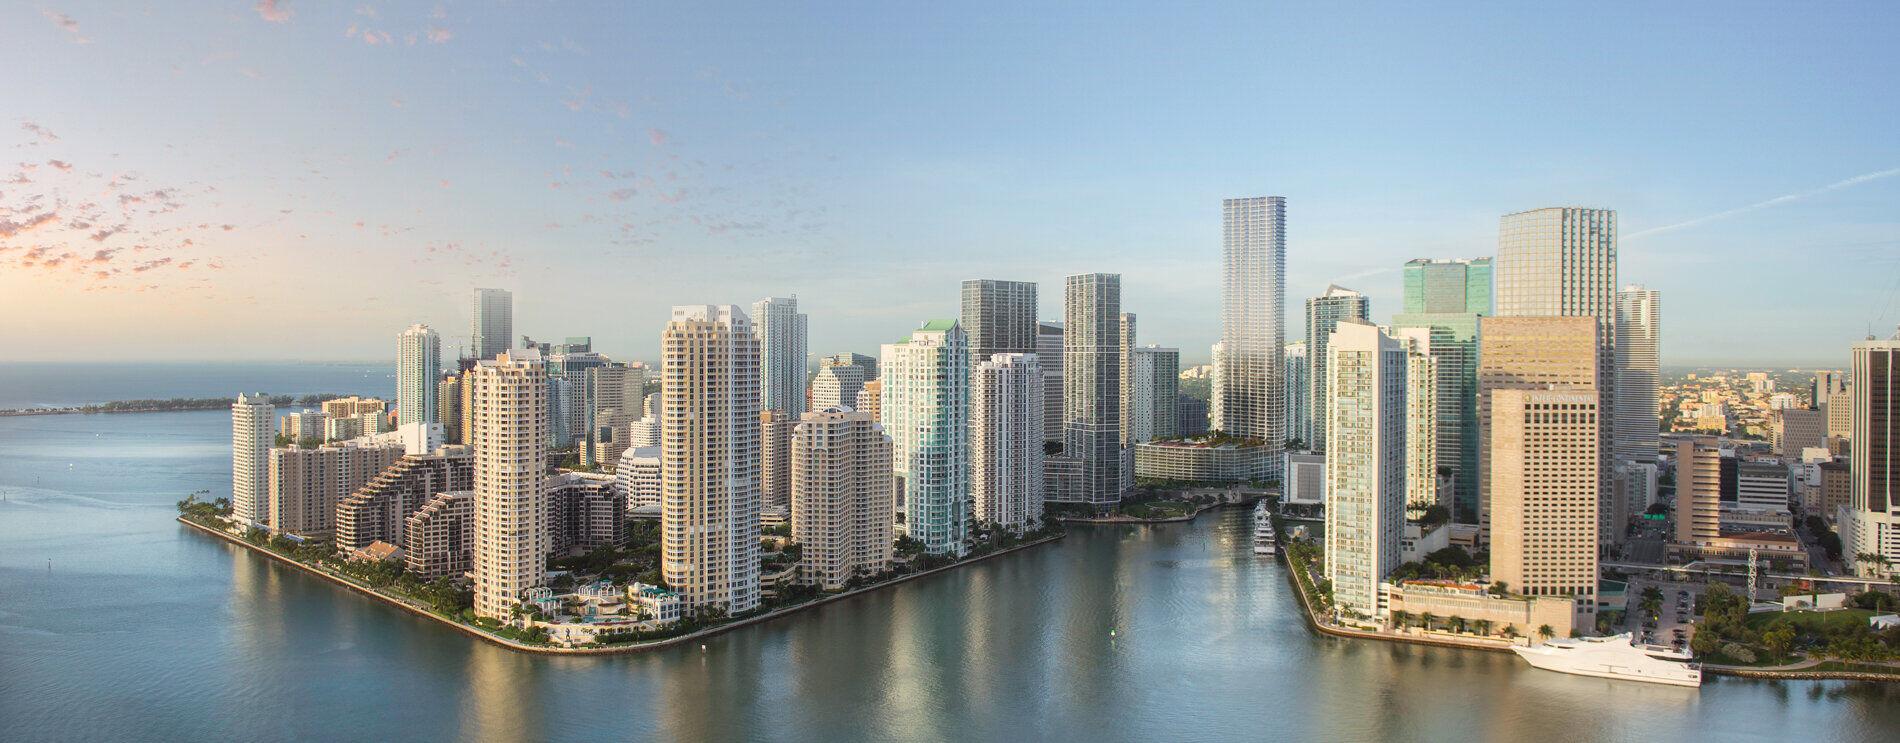 baccarat-residences-brickell-nuevo-complejo-residencial-2-alt